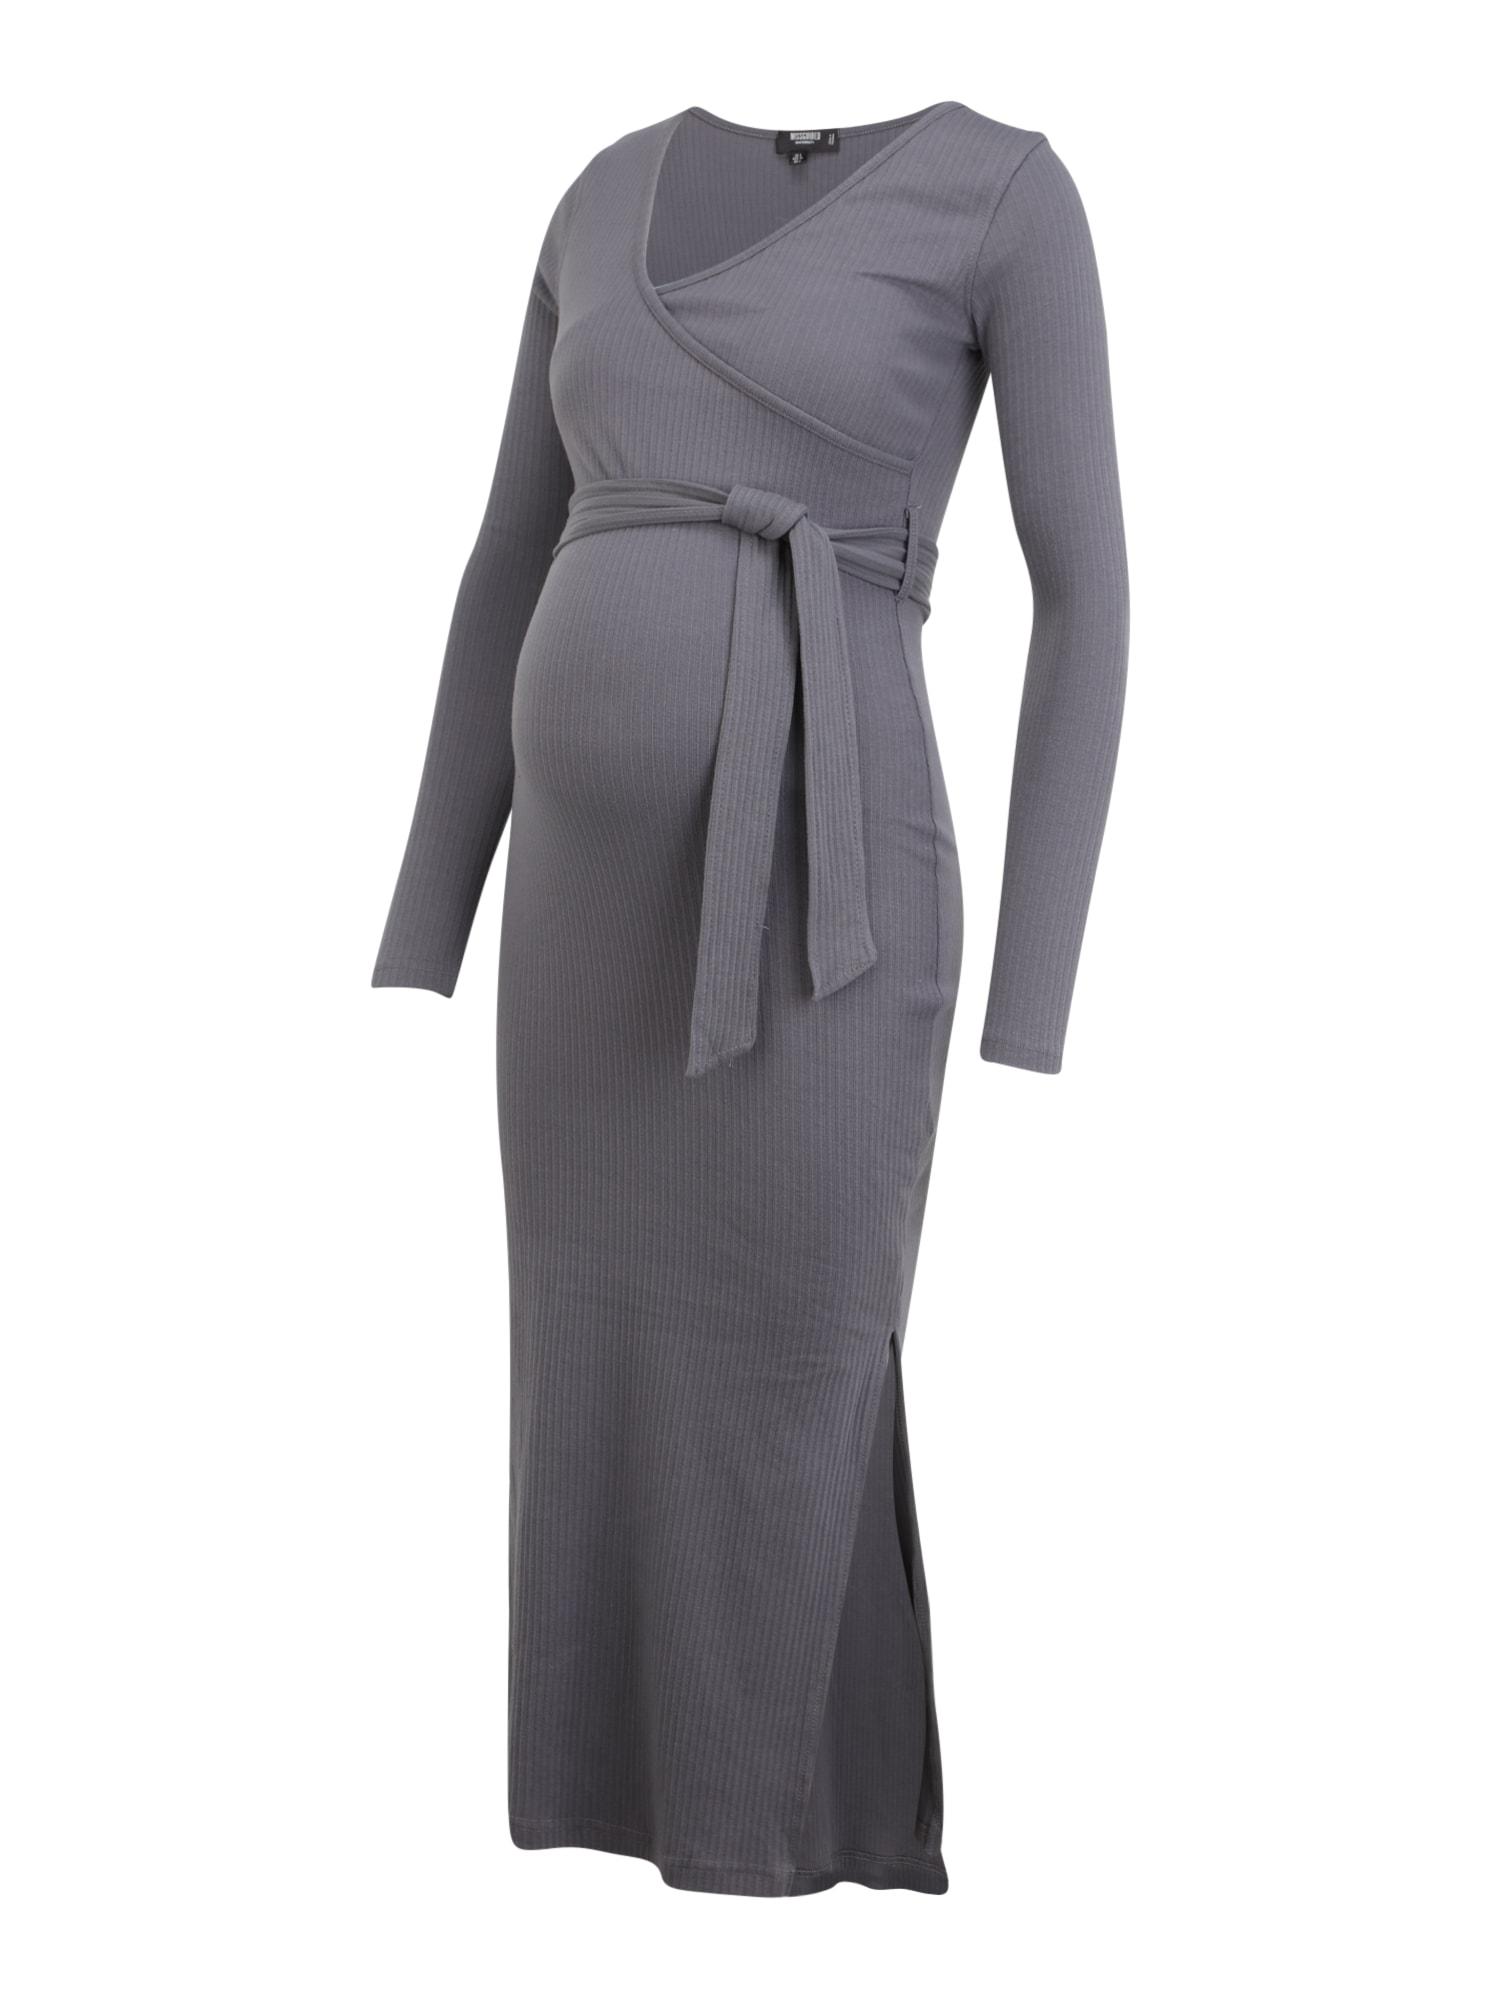 Missguided Maternity Suknelė tamsiai pilka